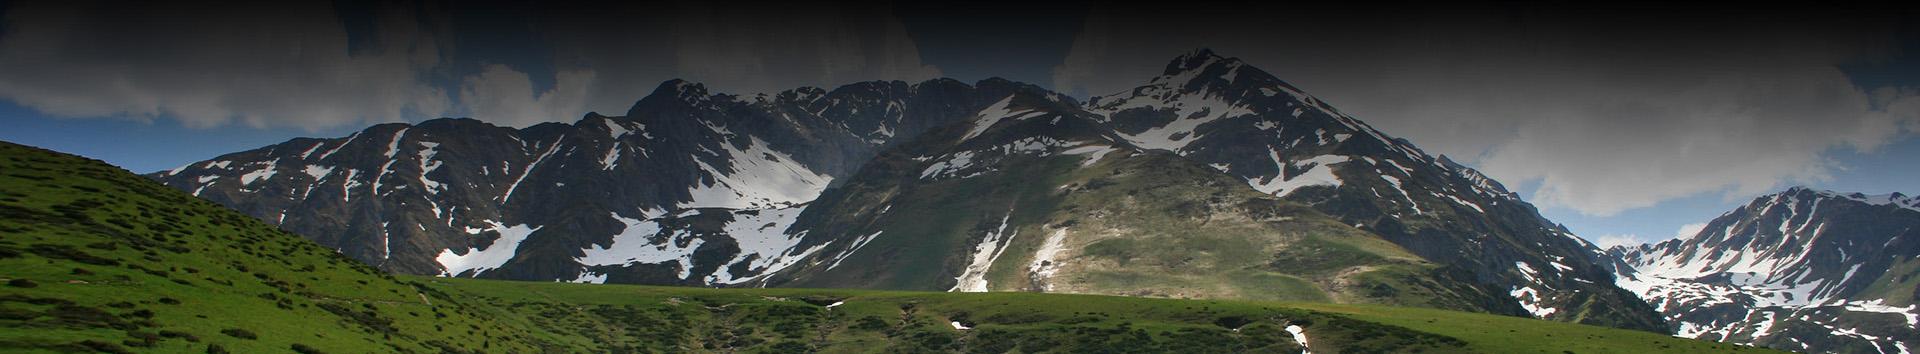 Parque Natural Posets Maladeta